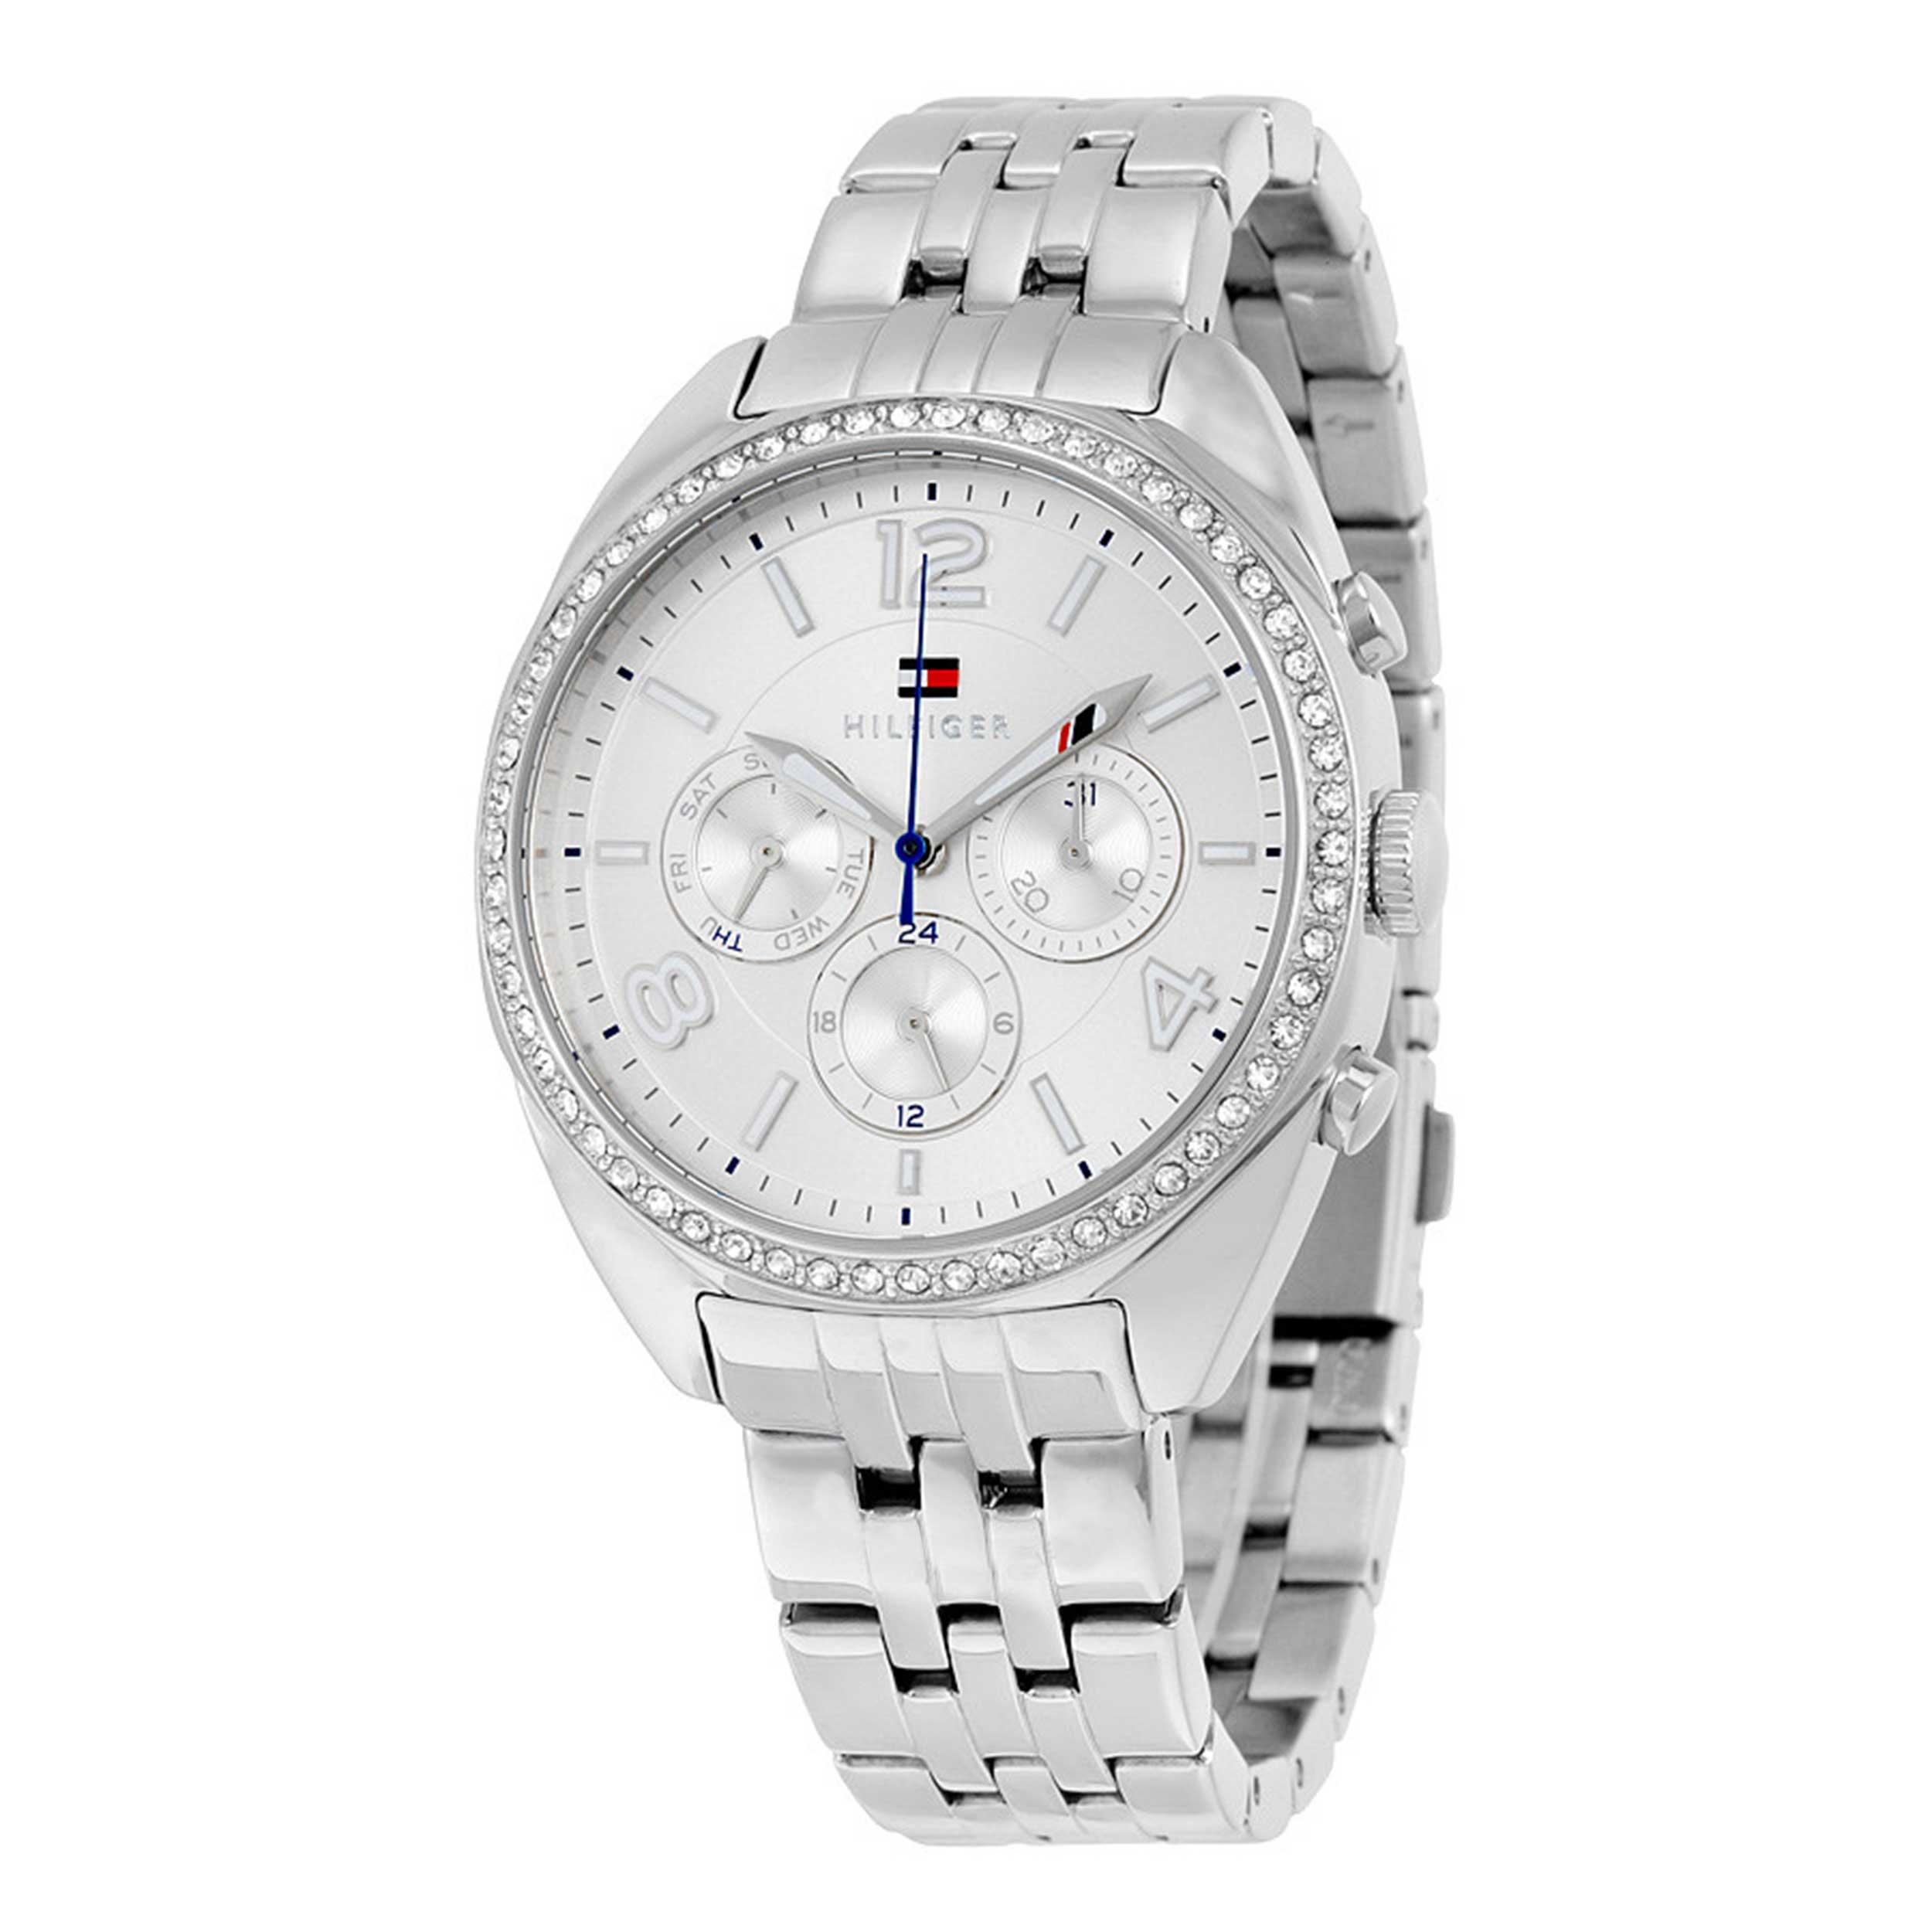 ساعت مچی عقربه ای زنانه تامی هیلفیگر مدل 1781571